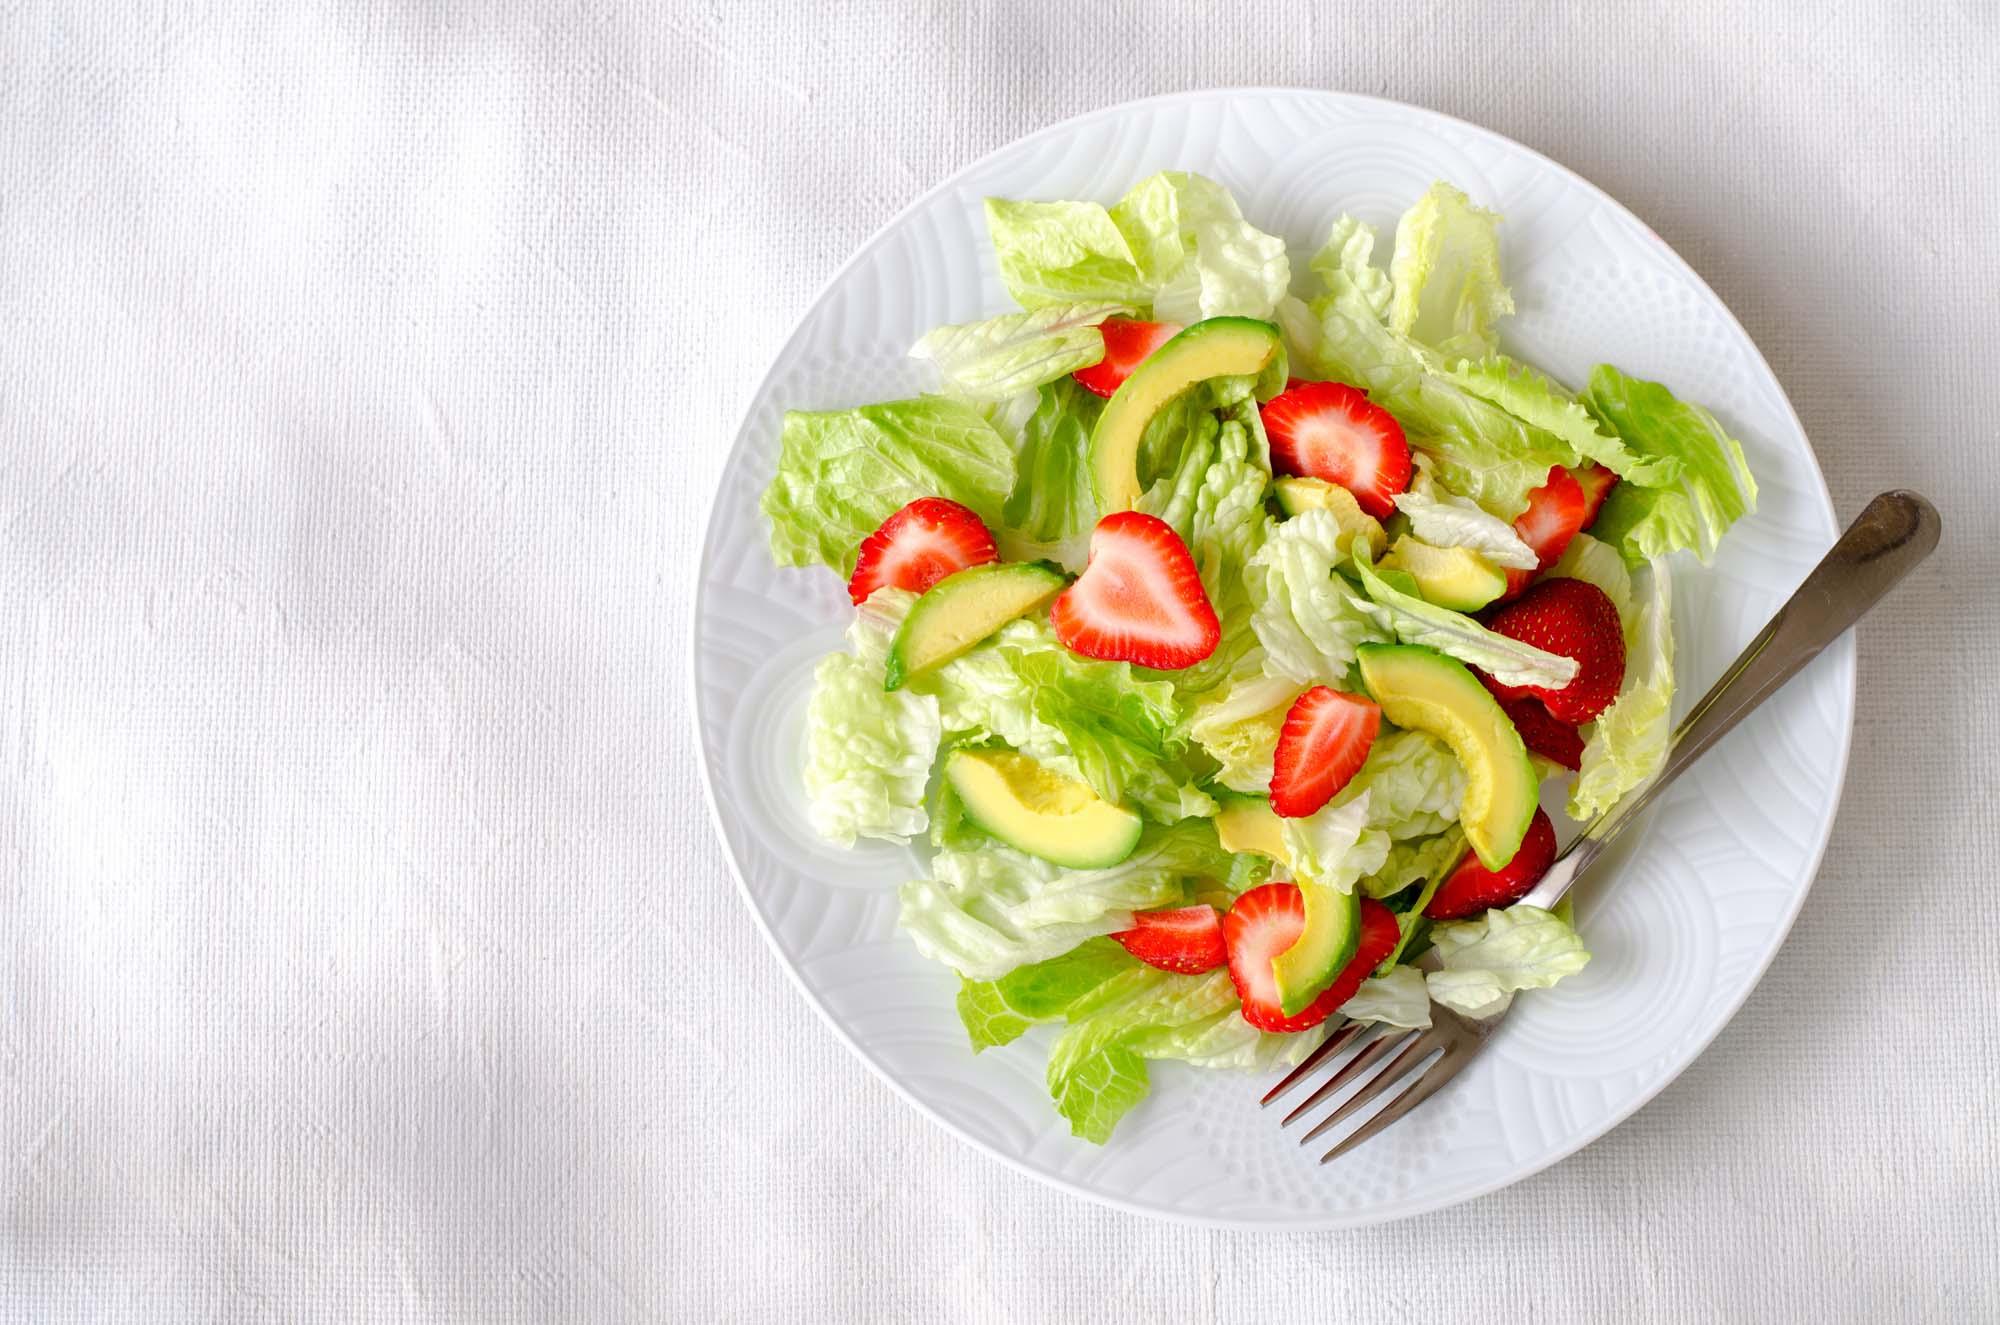 Jordbær- og avocadosalat